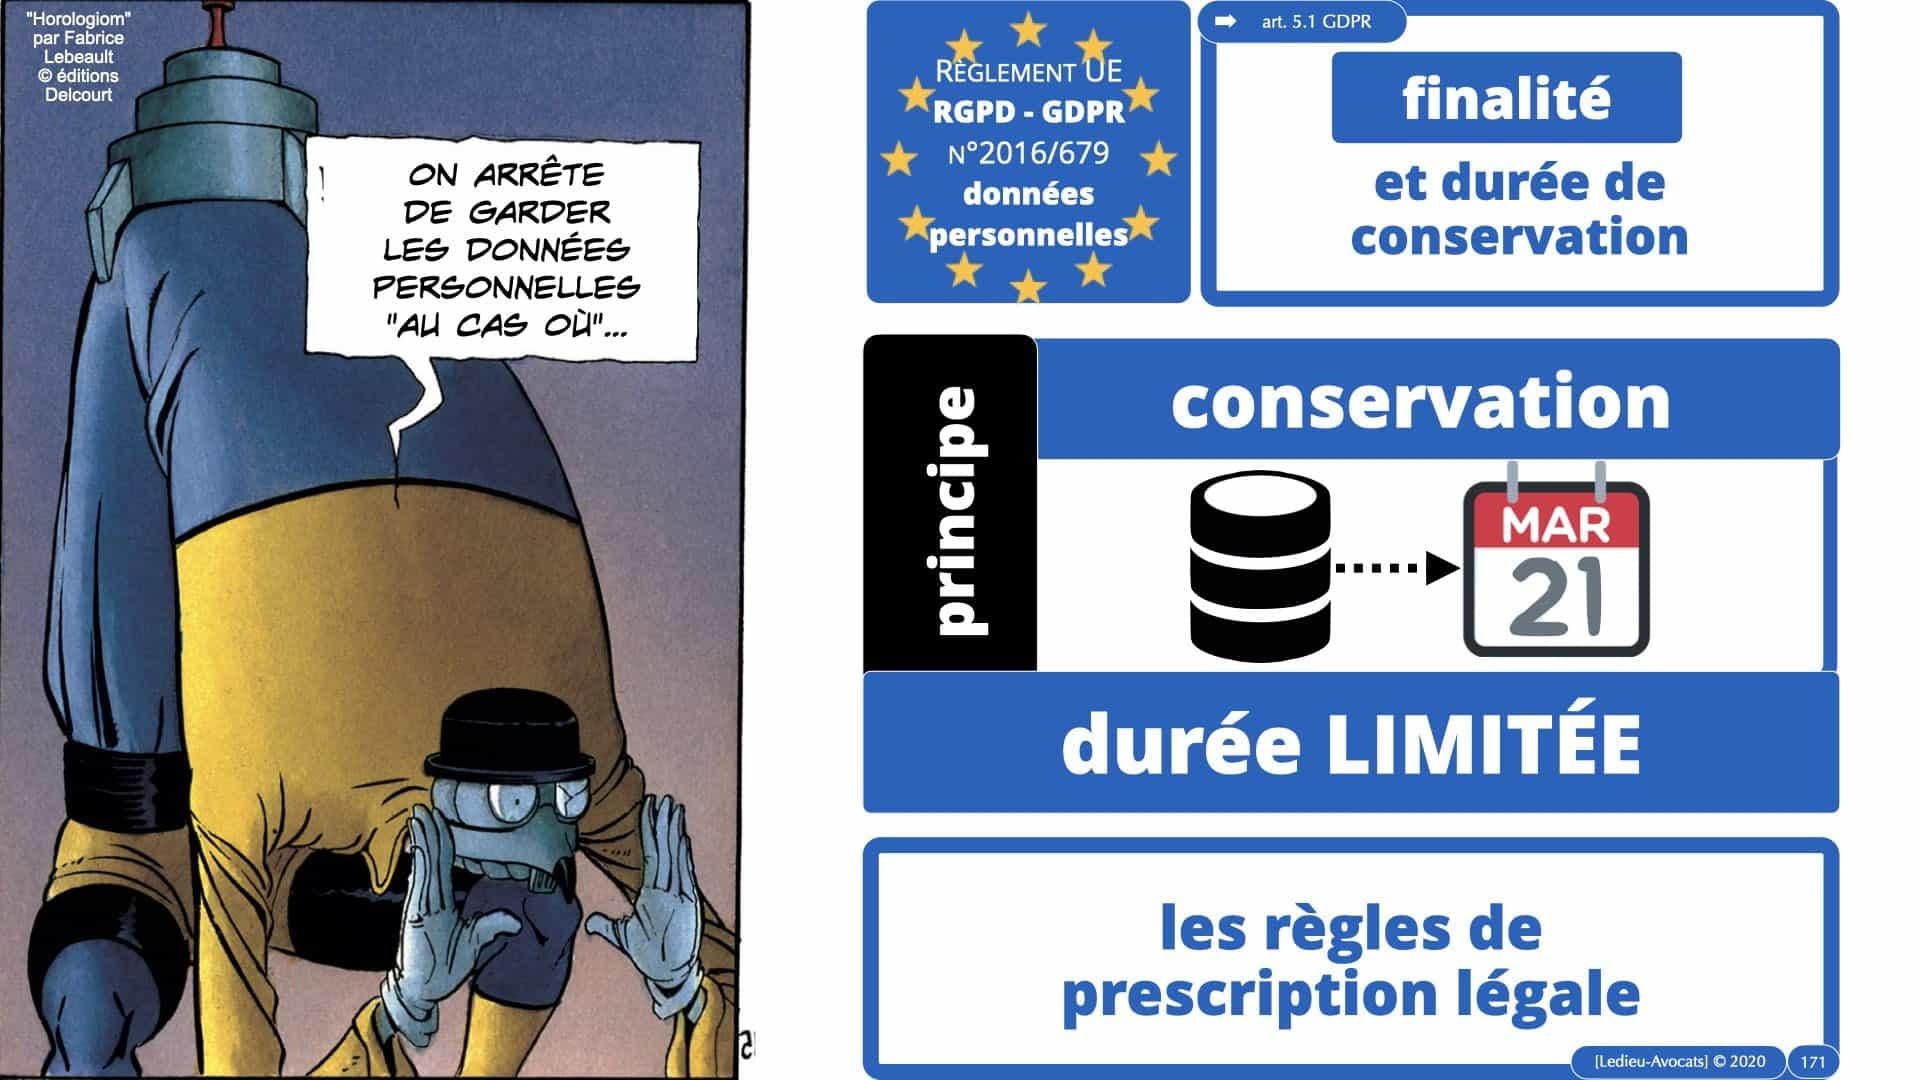 RGPD e-Privacy données personnelles jurisprudence formation Lamy Les Echos 10-02-2021 ©Ledieu-Avocats.171